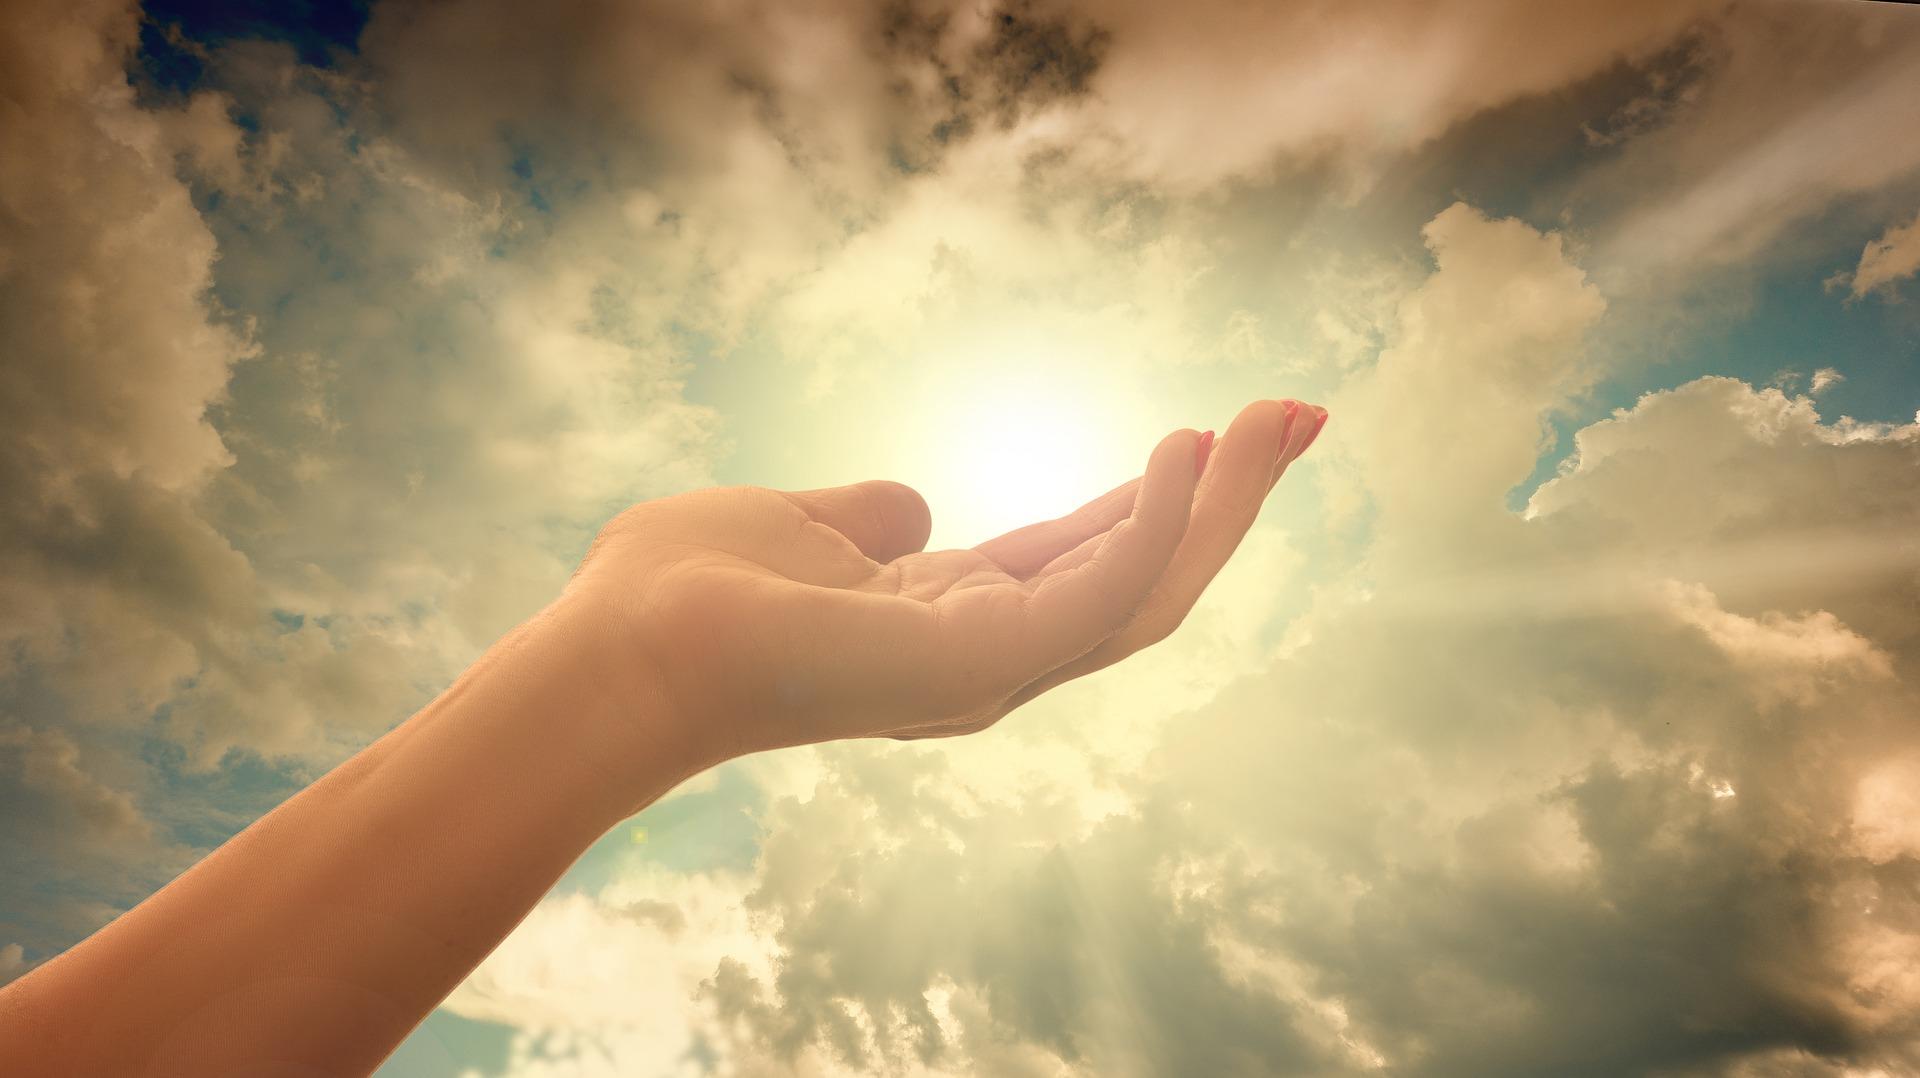 Warum die Spiritualität eine wichtige Rolle im Kampf gegen die Essstörung spielt, erfahrt ihr in diesem Beitrag.